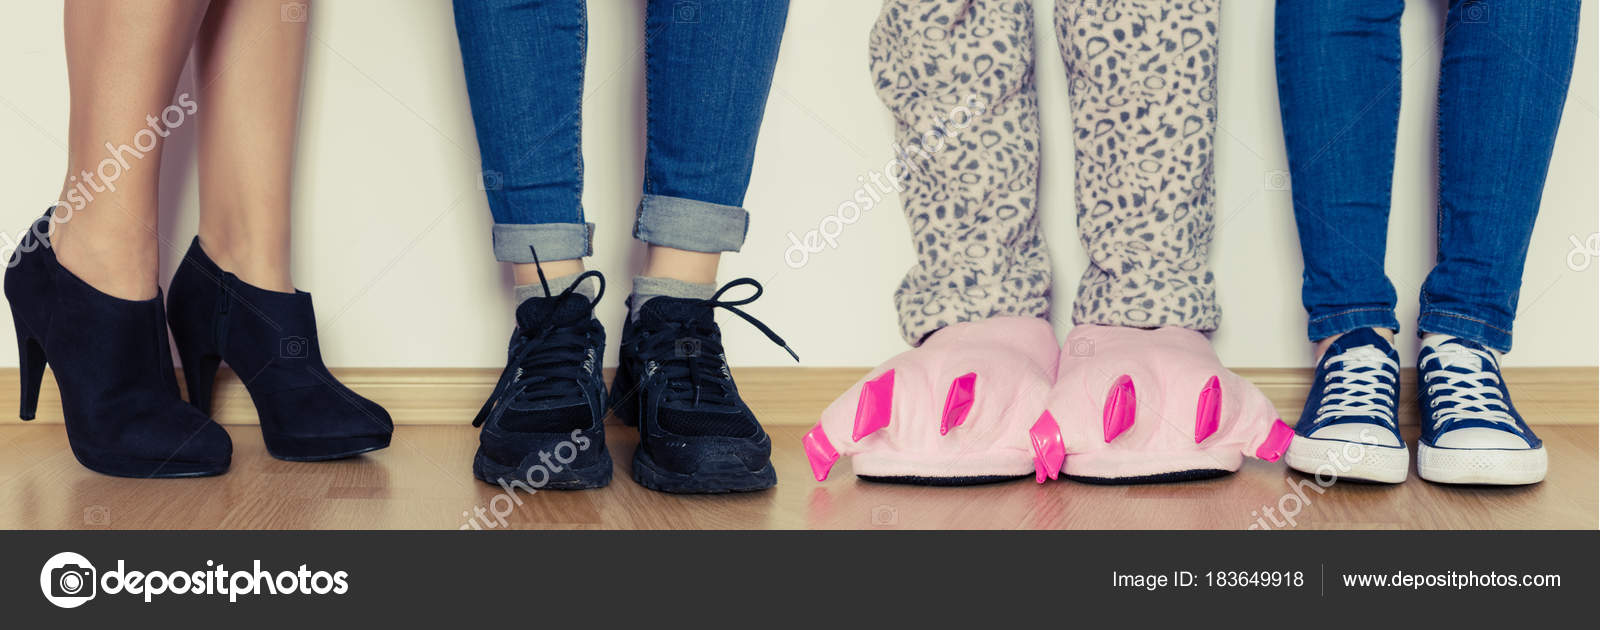 Piedini femminili in diversi tipi di scarpe e pantofole — Foto Stock ... de51608c3e9